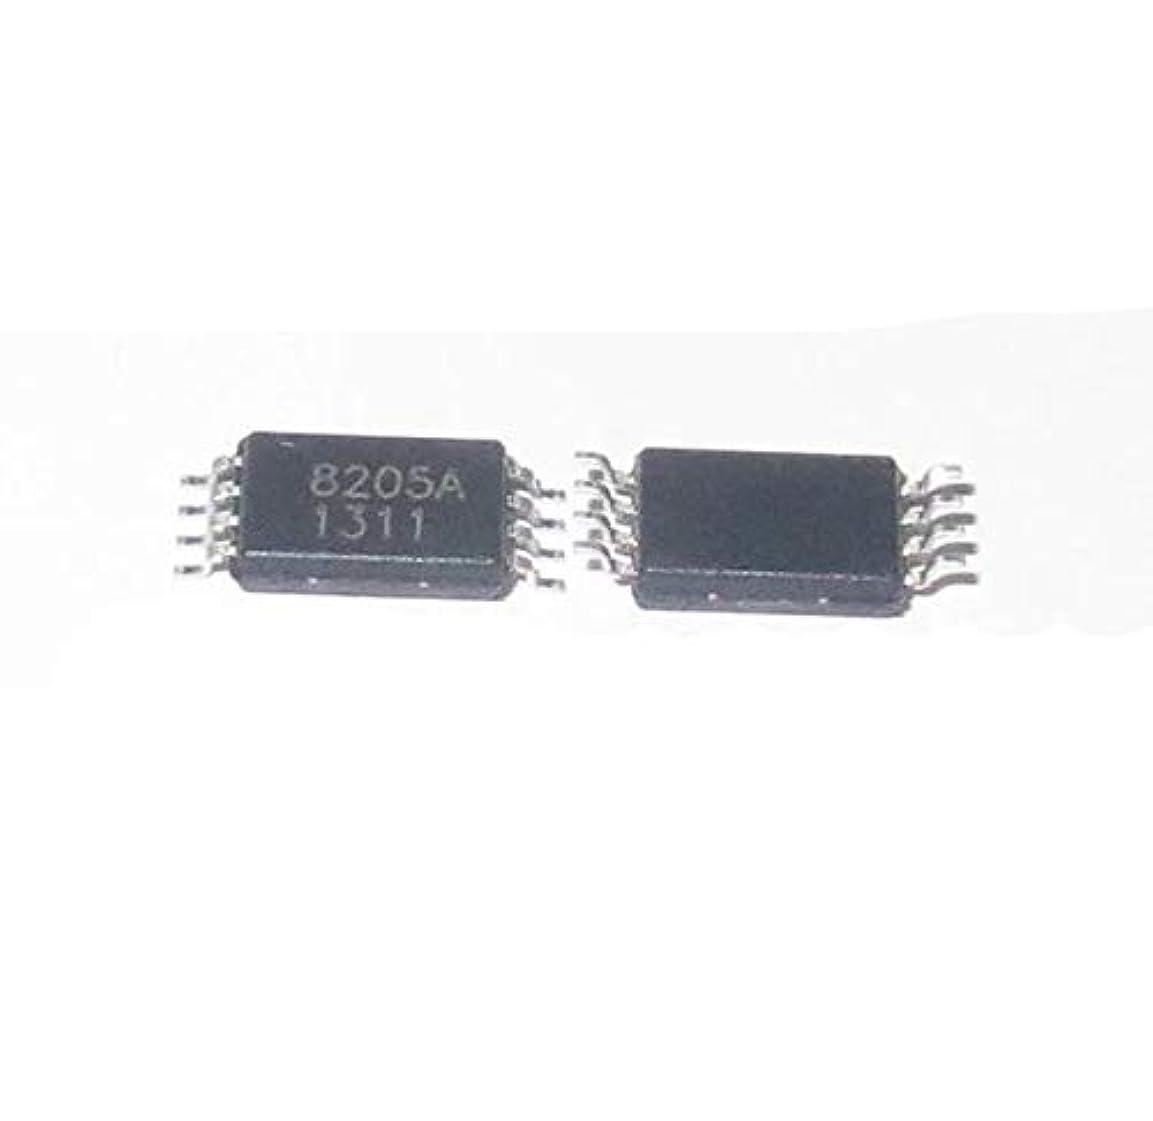 エミュレーション風味意気消沈したWillBest NEW FS8205A Lithium battery protection board DW01 8205 patch TSSOP8 200PCS